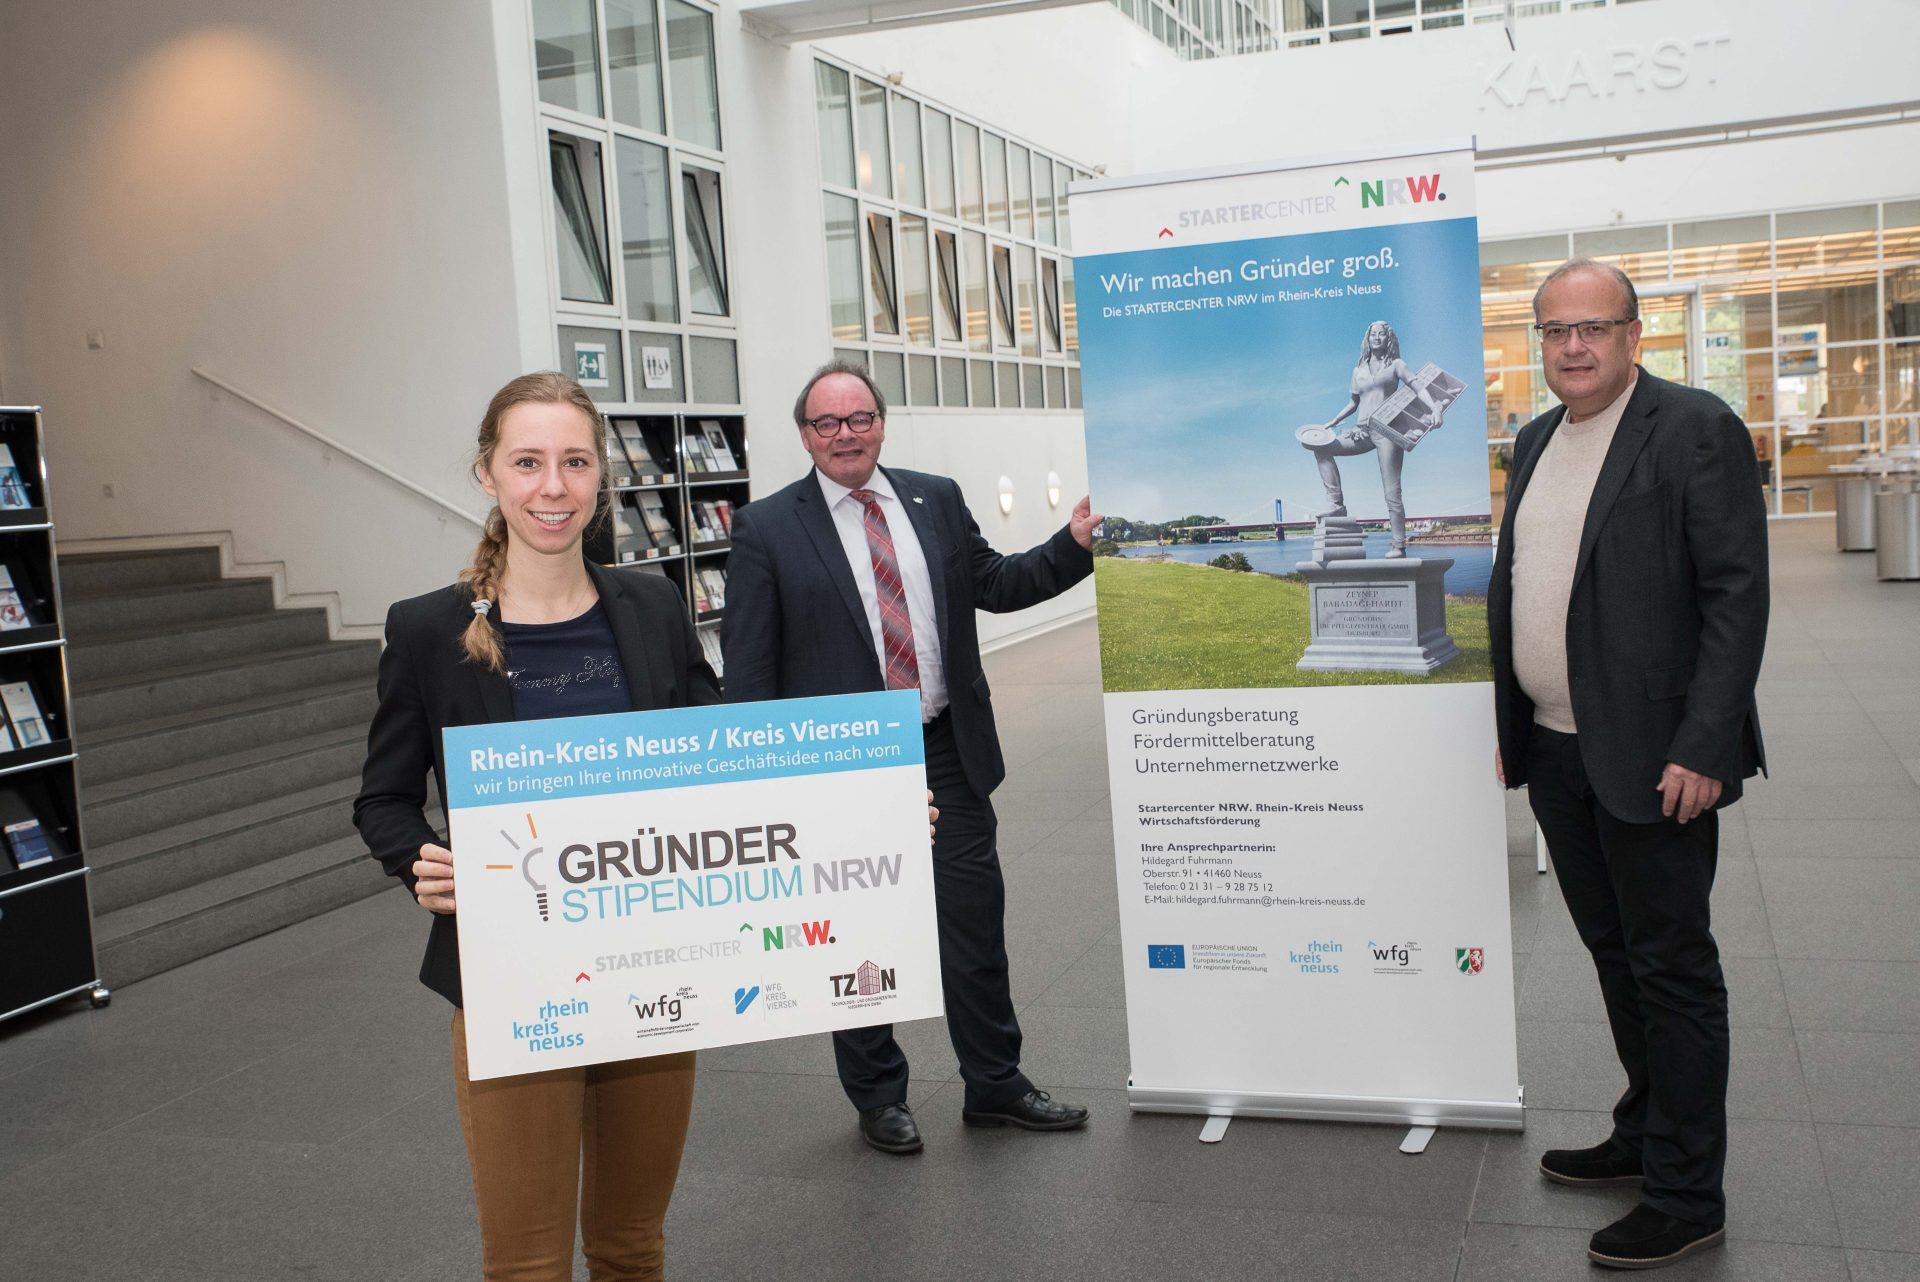 Johanna Mehring und Robert Abts vom Rhein-Kreis Neuss und Dr. Thomas Jablonski von der WFG Kreis Viersen